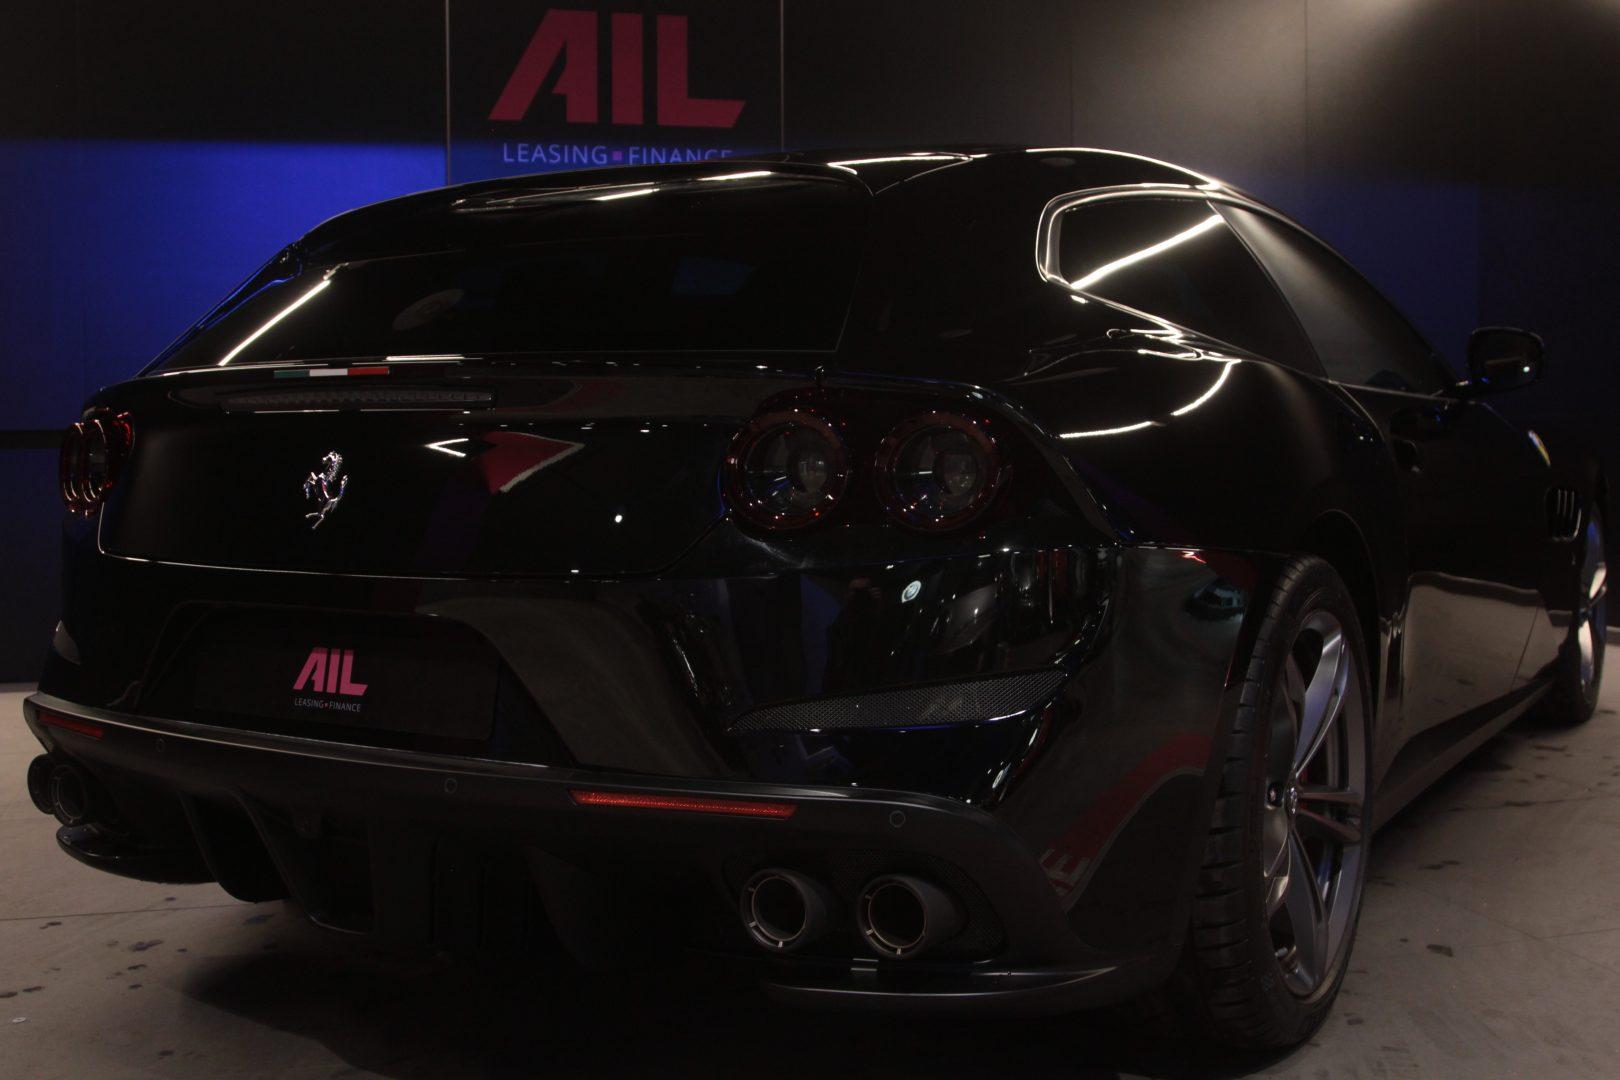 AIL Ferrari GTC4Lusso V12 3